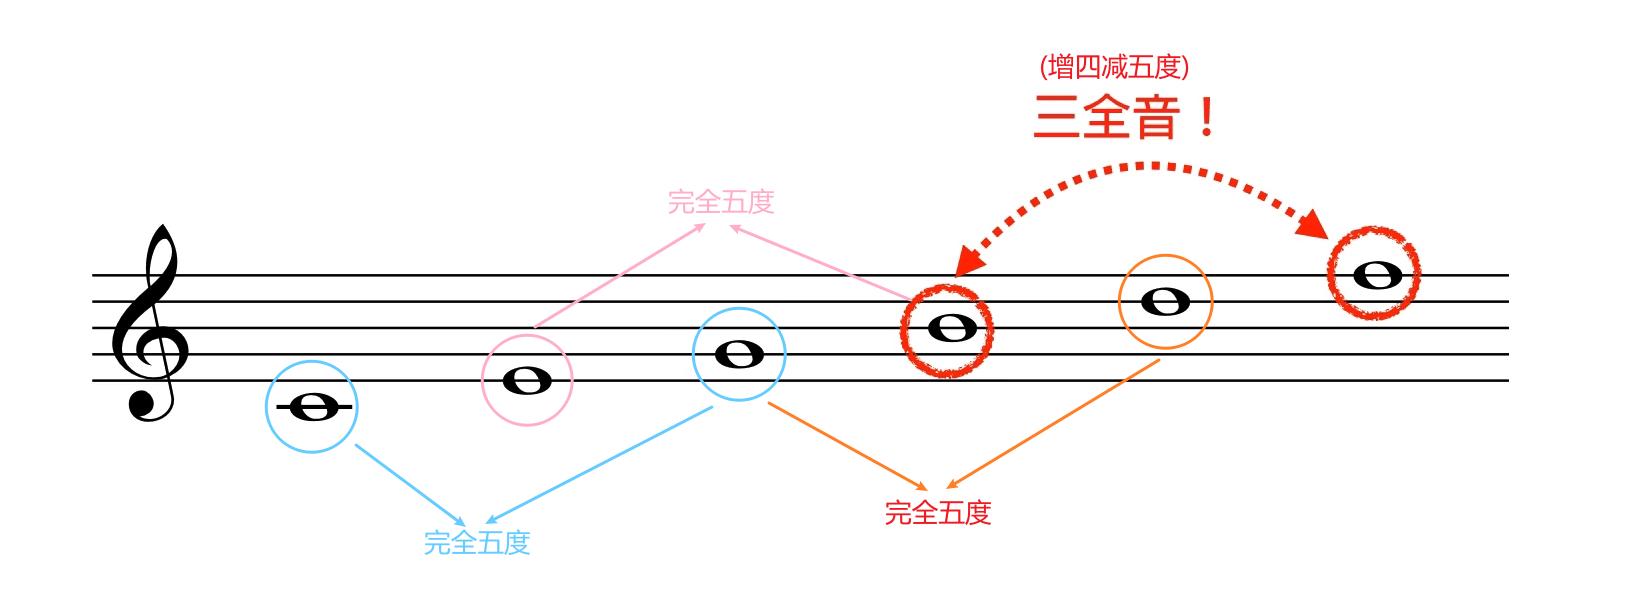 音乐学习笔记 - 好和弦篇3